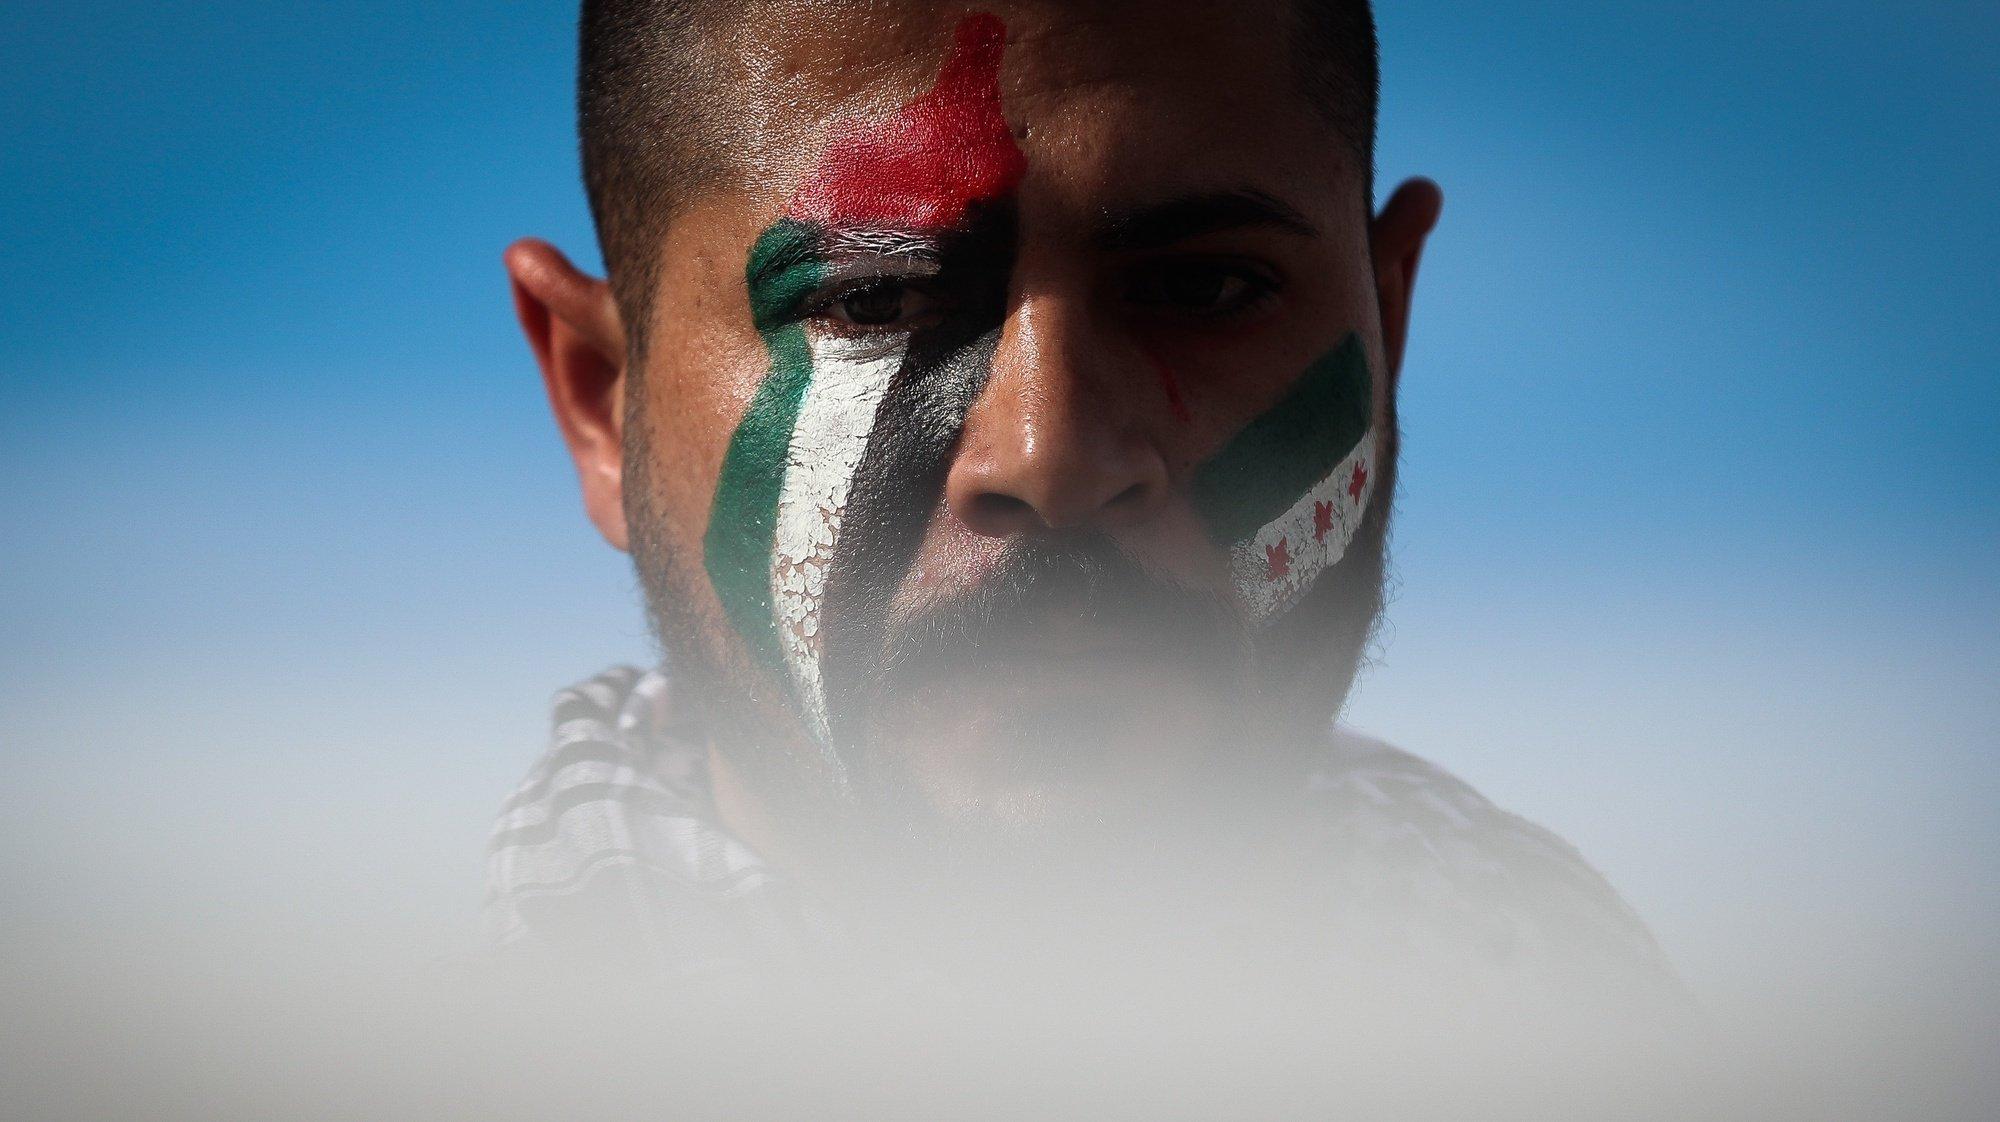 """Pessoas participam na manifestação """"Solidariedade com a Palestina: Fim à agressão, fim à ocupação!"""", em Lisboa, 17 de maio de 2021. Ações organizadas pelo Conselho Português para a Paz e Cooperação (CPPC), Movimento pelos Direitos do Povo Palestino e pela Paz no Médio Oriente (MPPM) e Confederação Geral dos Trabalhadores Portugueses - Intersindical Nacional (CGTP-IN). MÁRIO CRUZ/LUSA"""